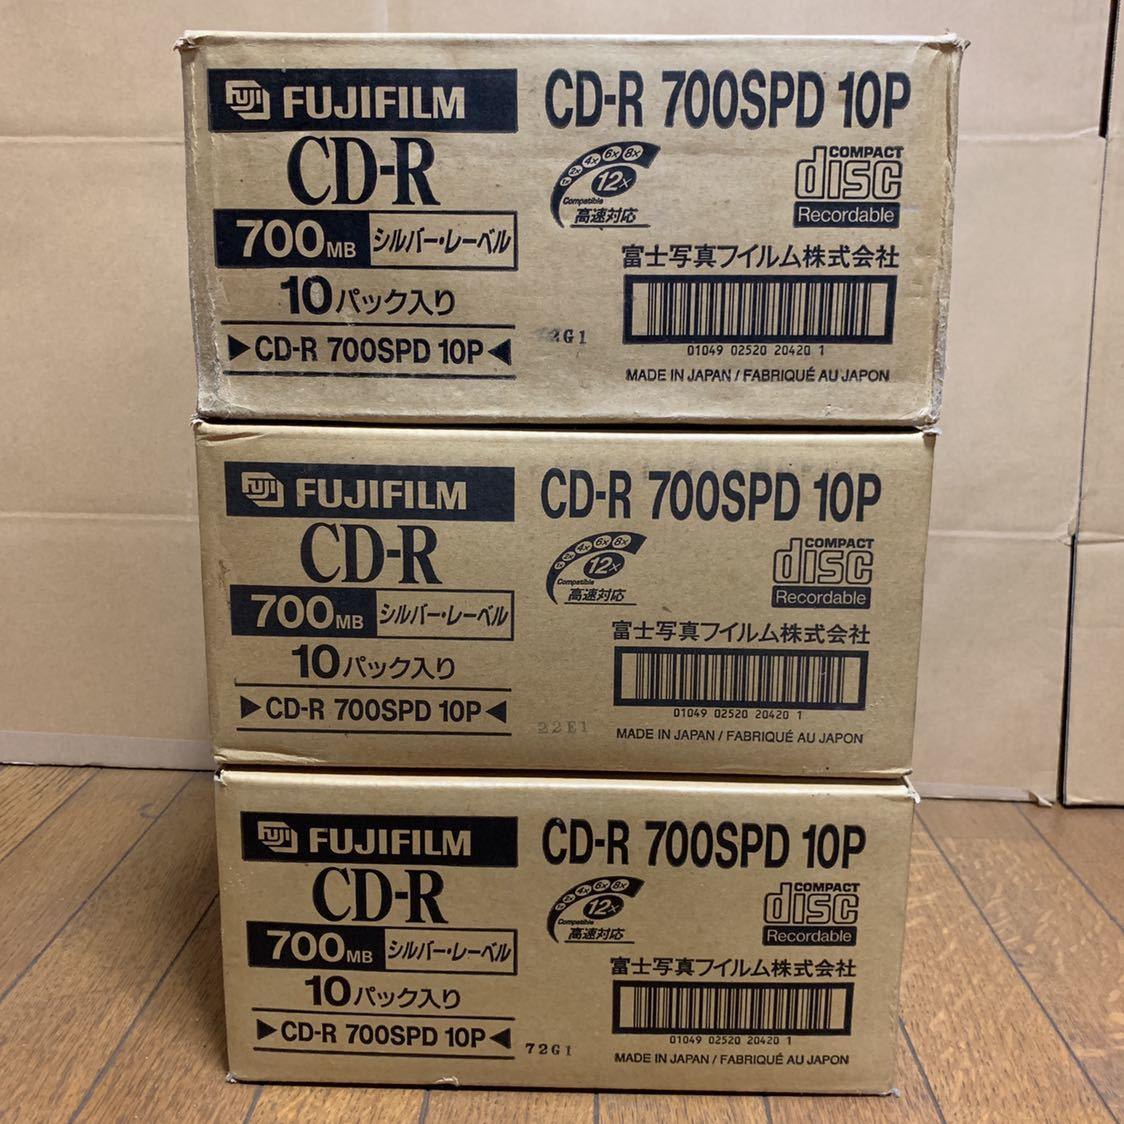 【未使用】FUJIFILM 富士フイルム CD-R 700SPD 10P 700MB シルバーレーベル 10パック入り×2箱 9パック入り×1箱 全29パックセット_画像7